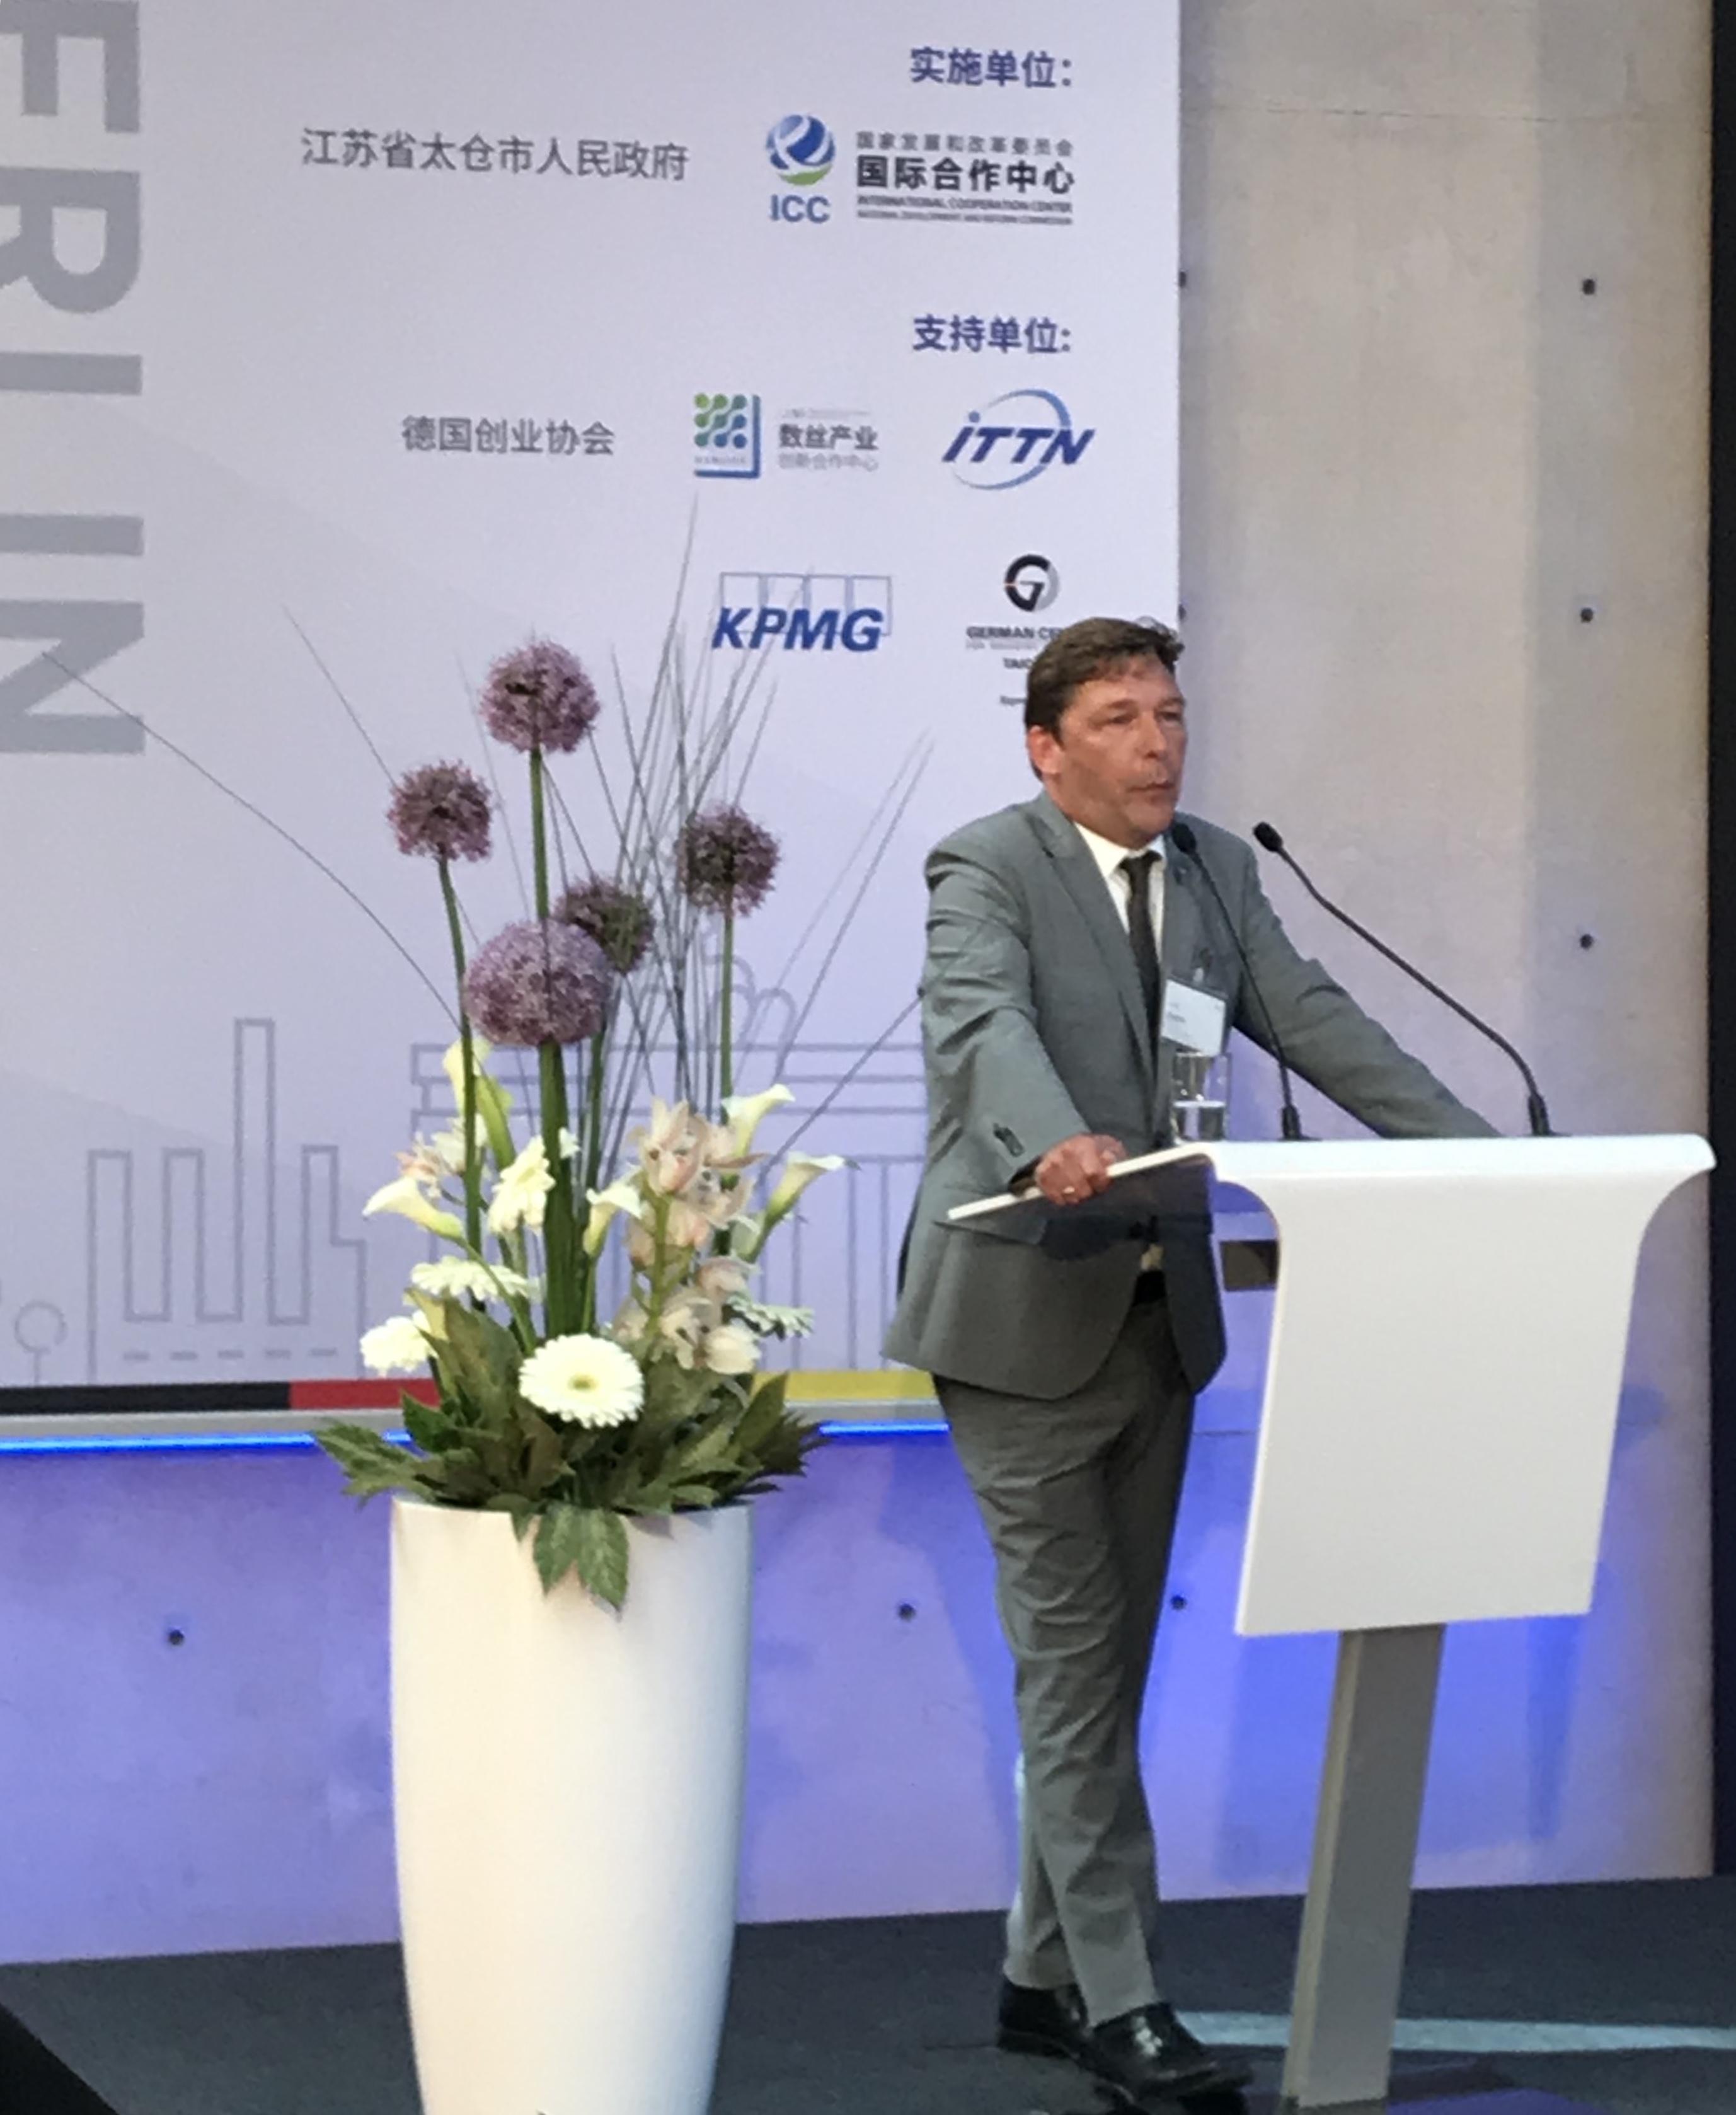 Axel Fuchs, Jülichs Bürgermeister, lobt die Intensität des partnerschaftlichen Austausches mit Taicang